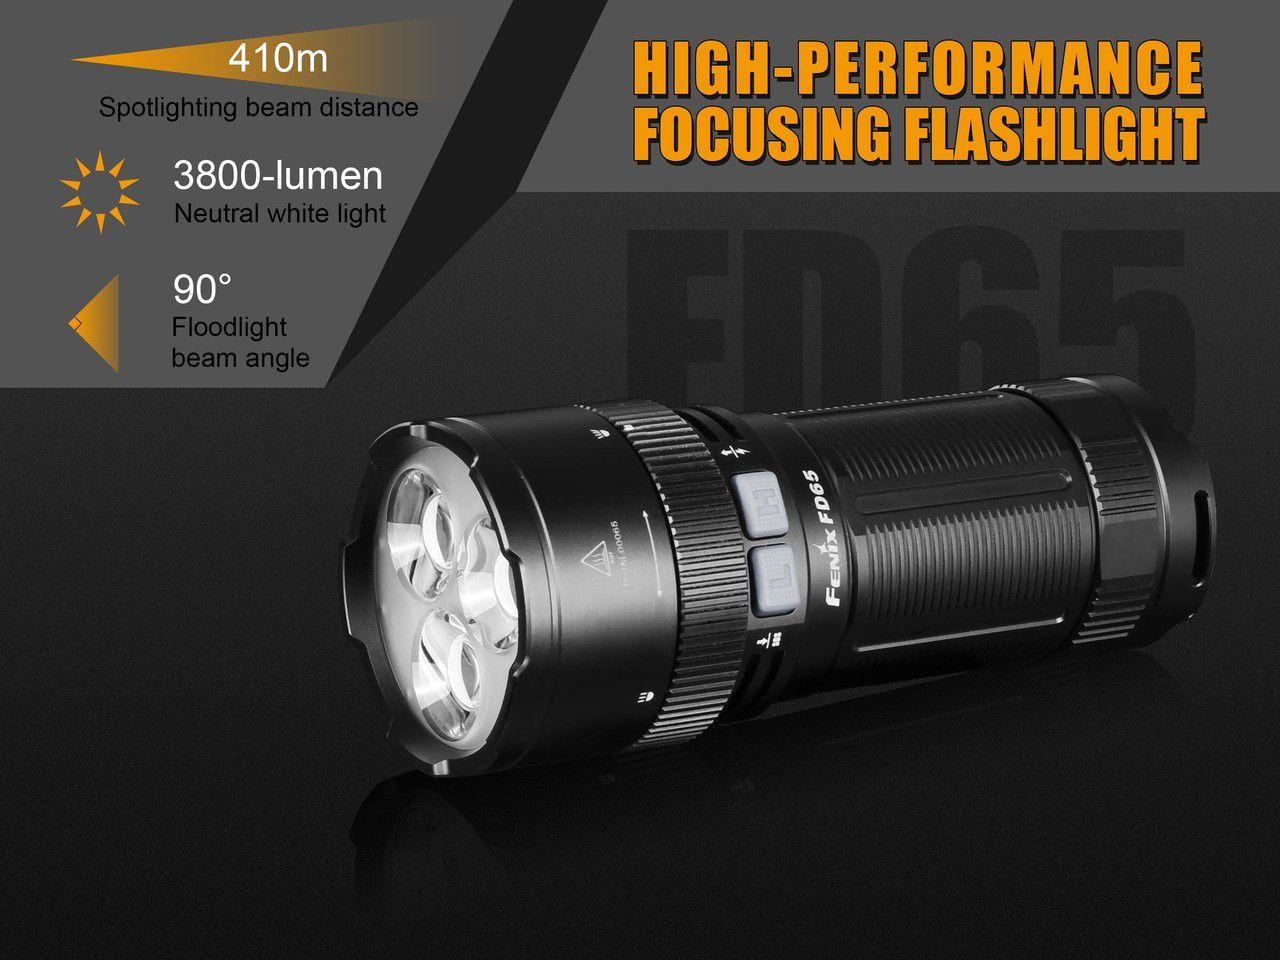 KIT Lanterna Fenix FD65 - Ajuste O Foco Conforme Sua Necessidade -3800 Lumens